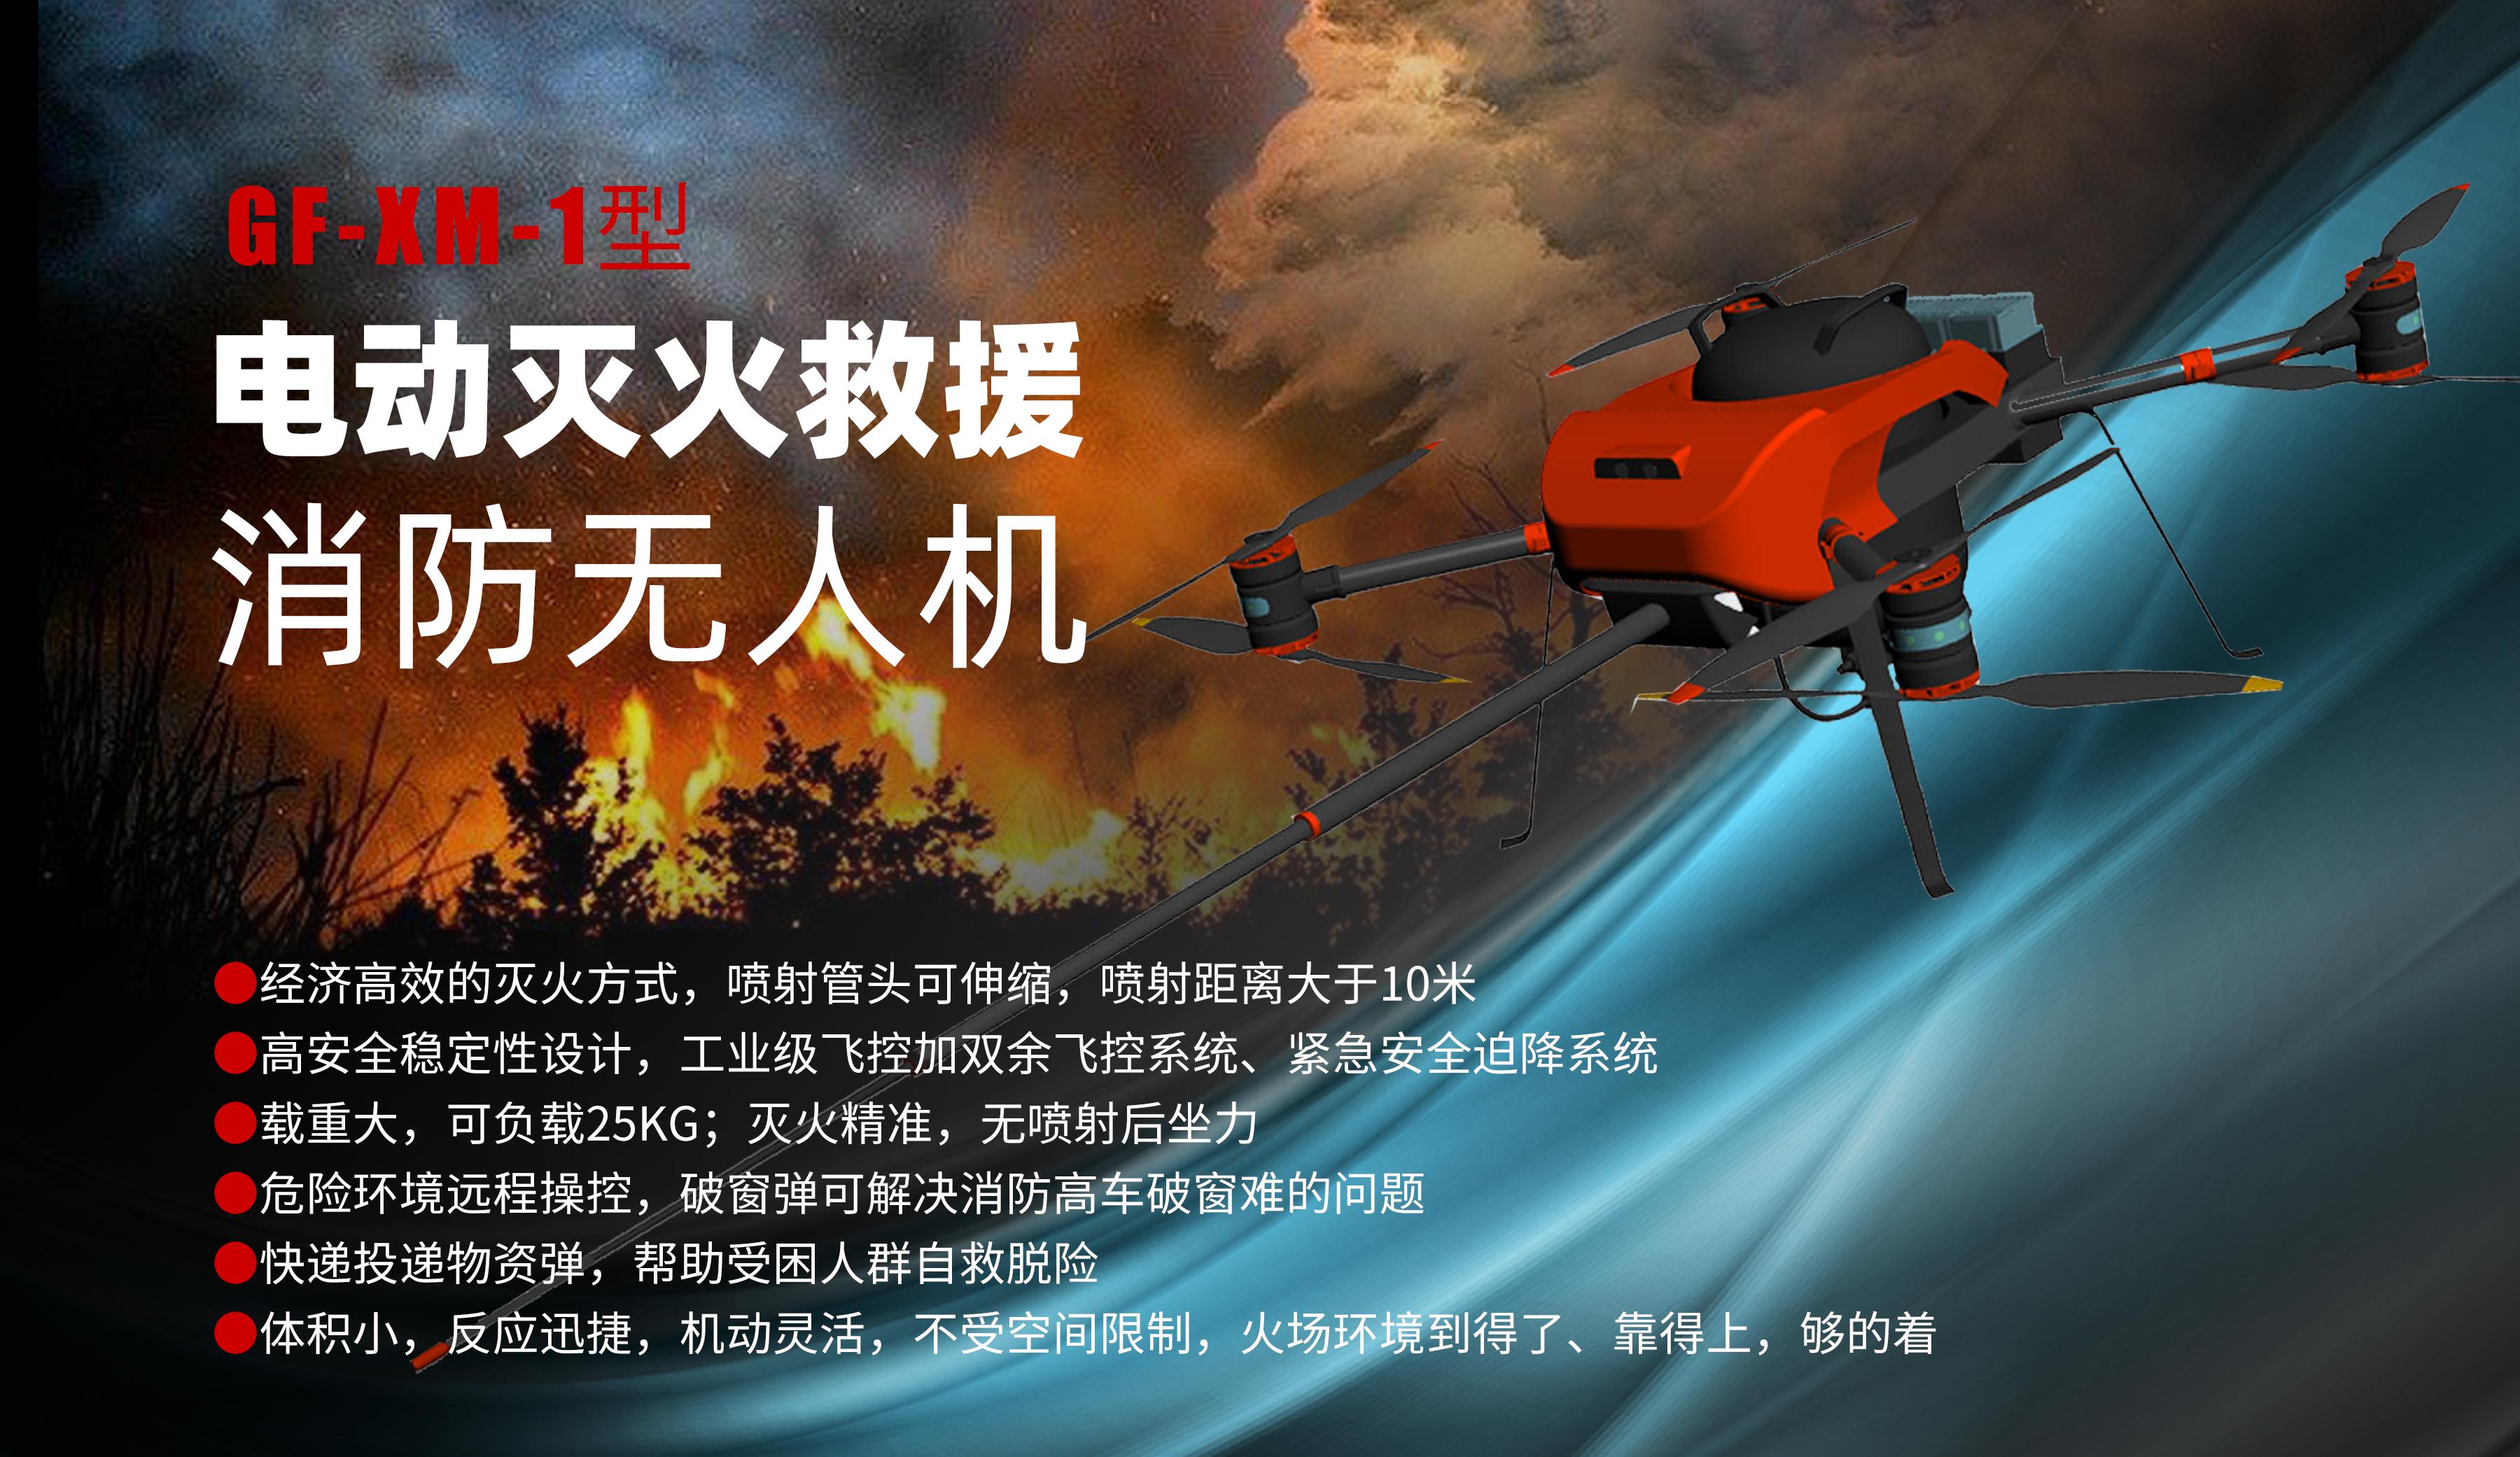 油动直升机,系留照明无人机,应急照明无人机,消防无人机,灭火无人机